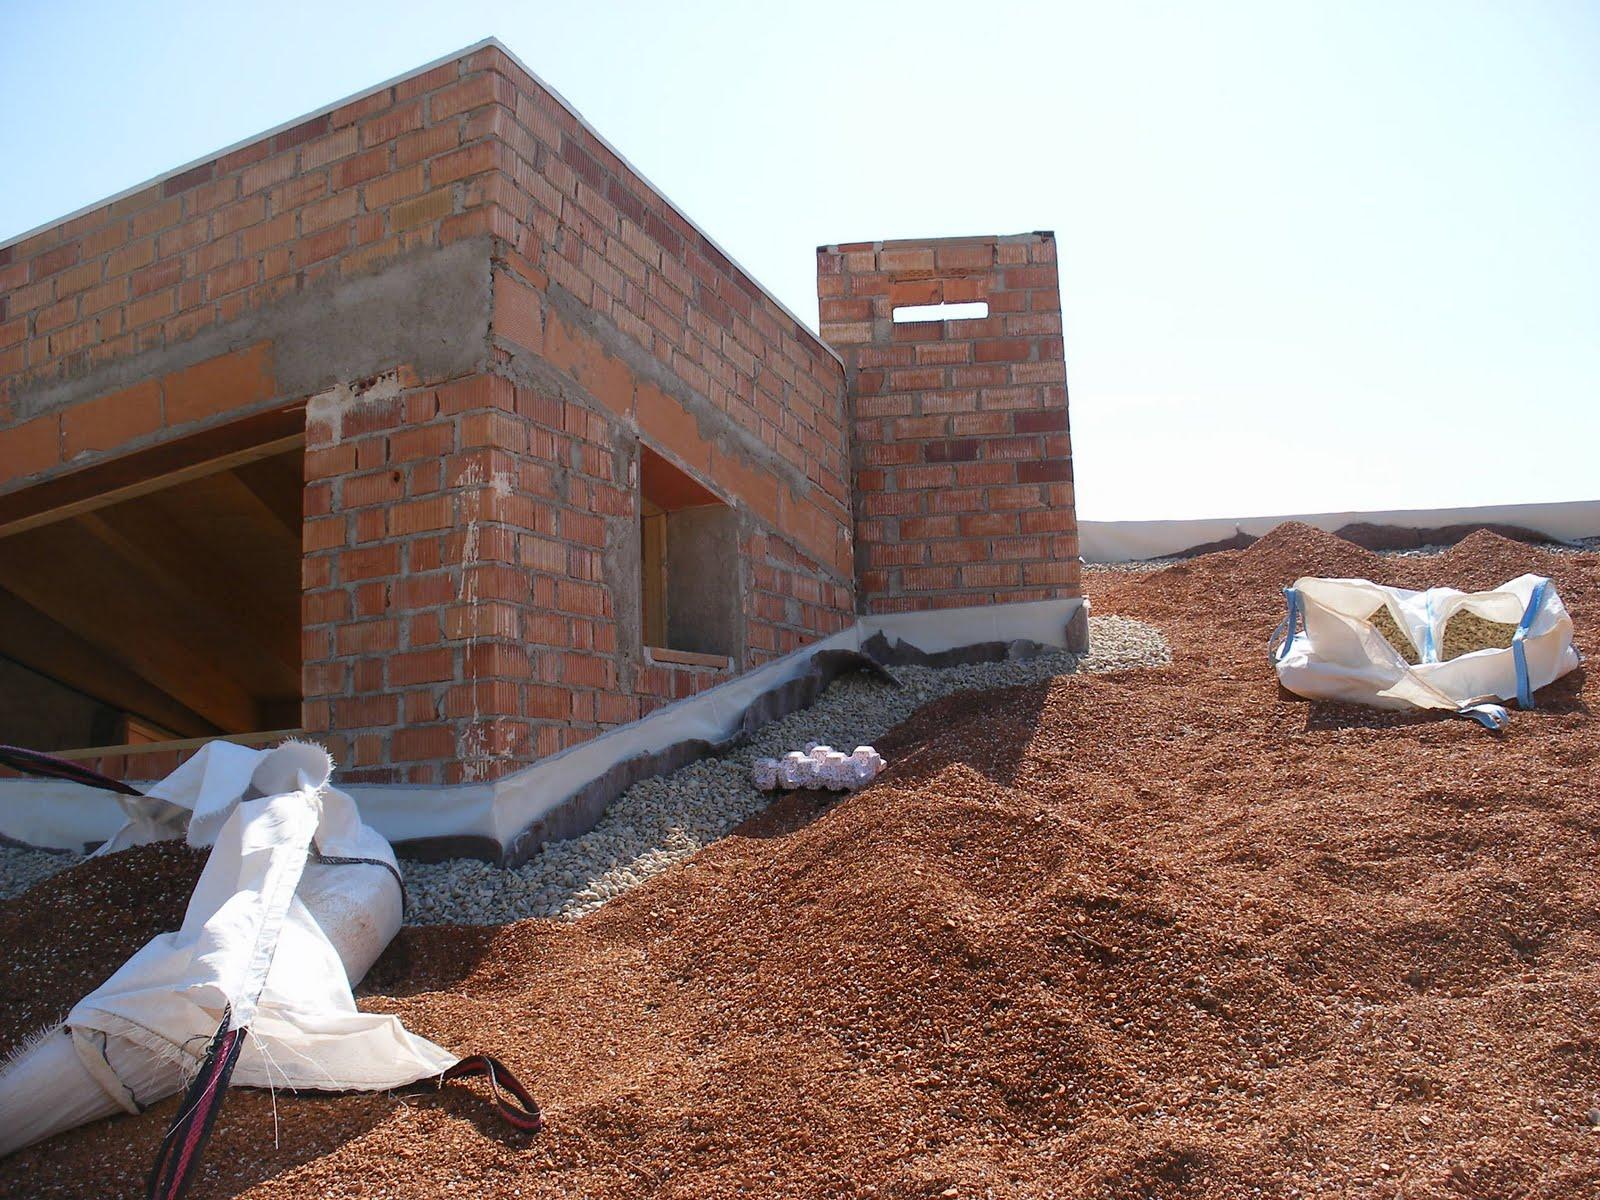 Construyendo la casa bioclimática: 12. Construcción 8. Cubiertas  #2795A4 1600x1200